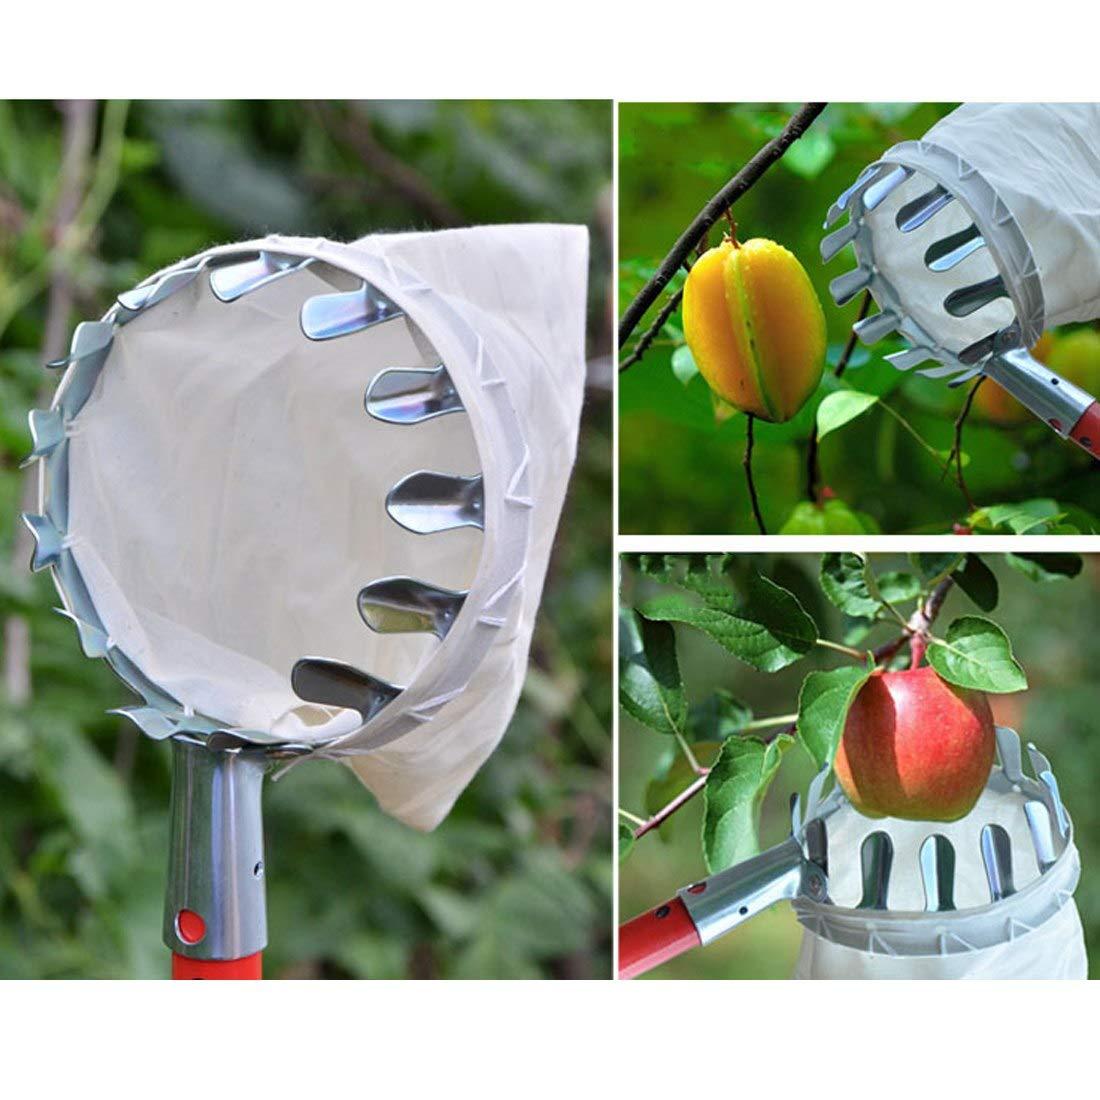 Cueilleur de Fruits Cueille-Fruits Avec Couronne /à Rev/êtement Convient pour Le Jardinage 1pcs